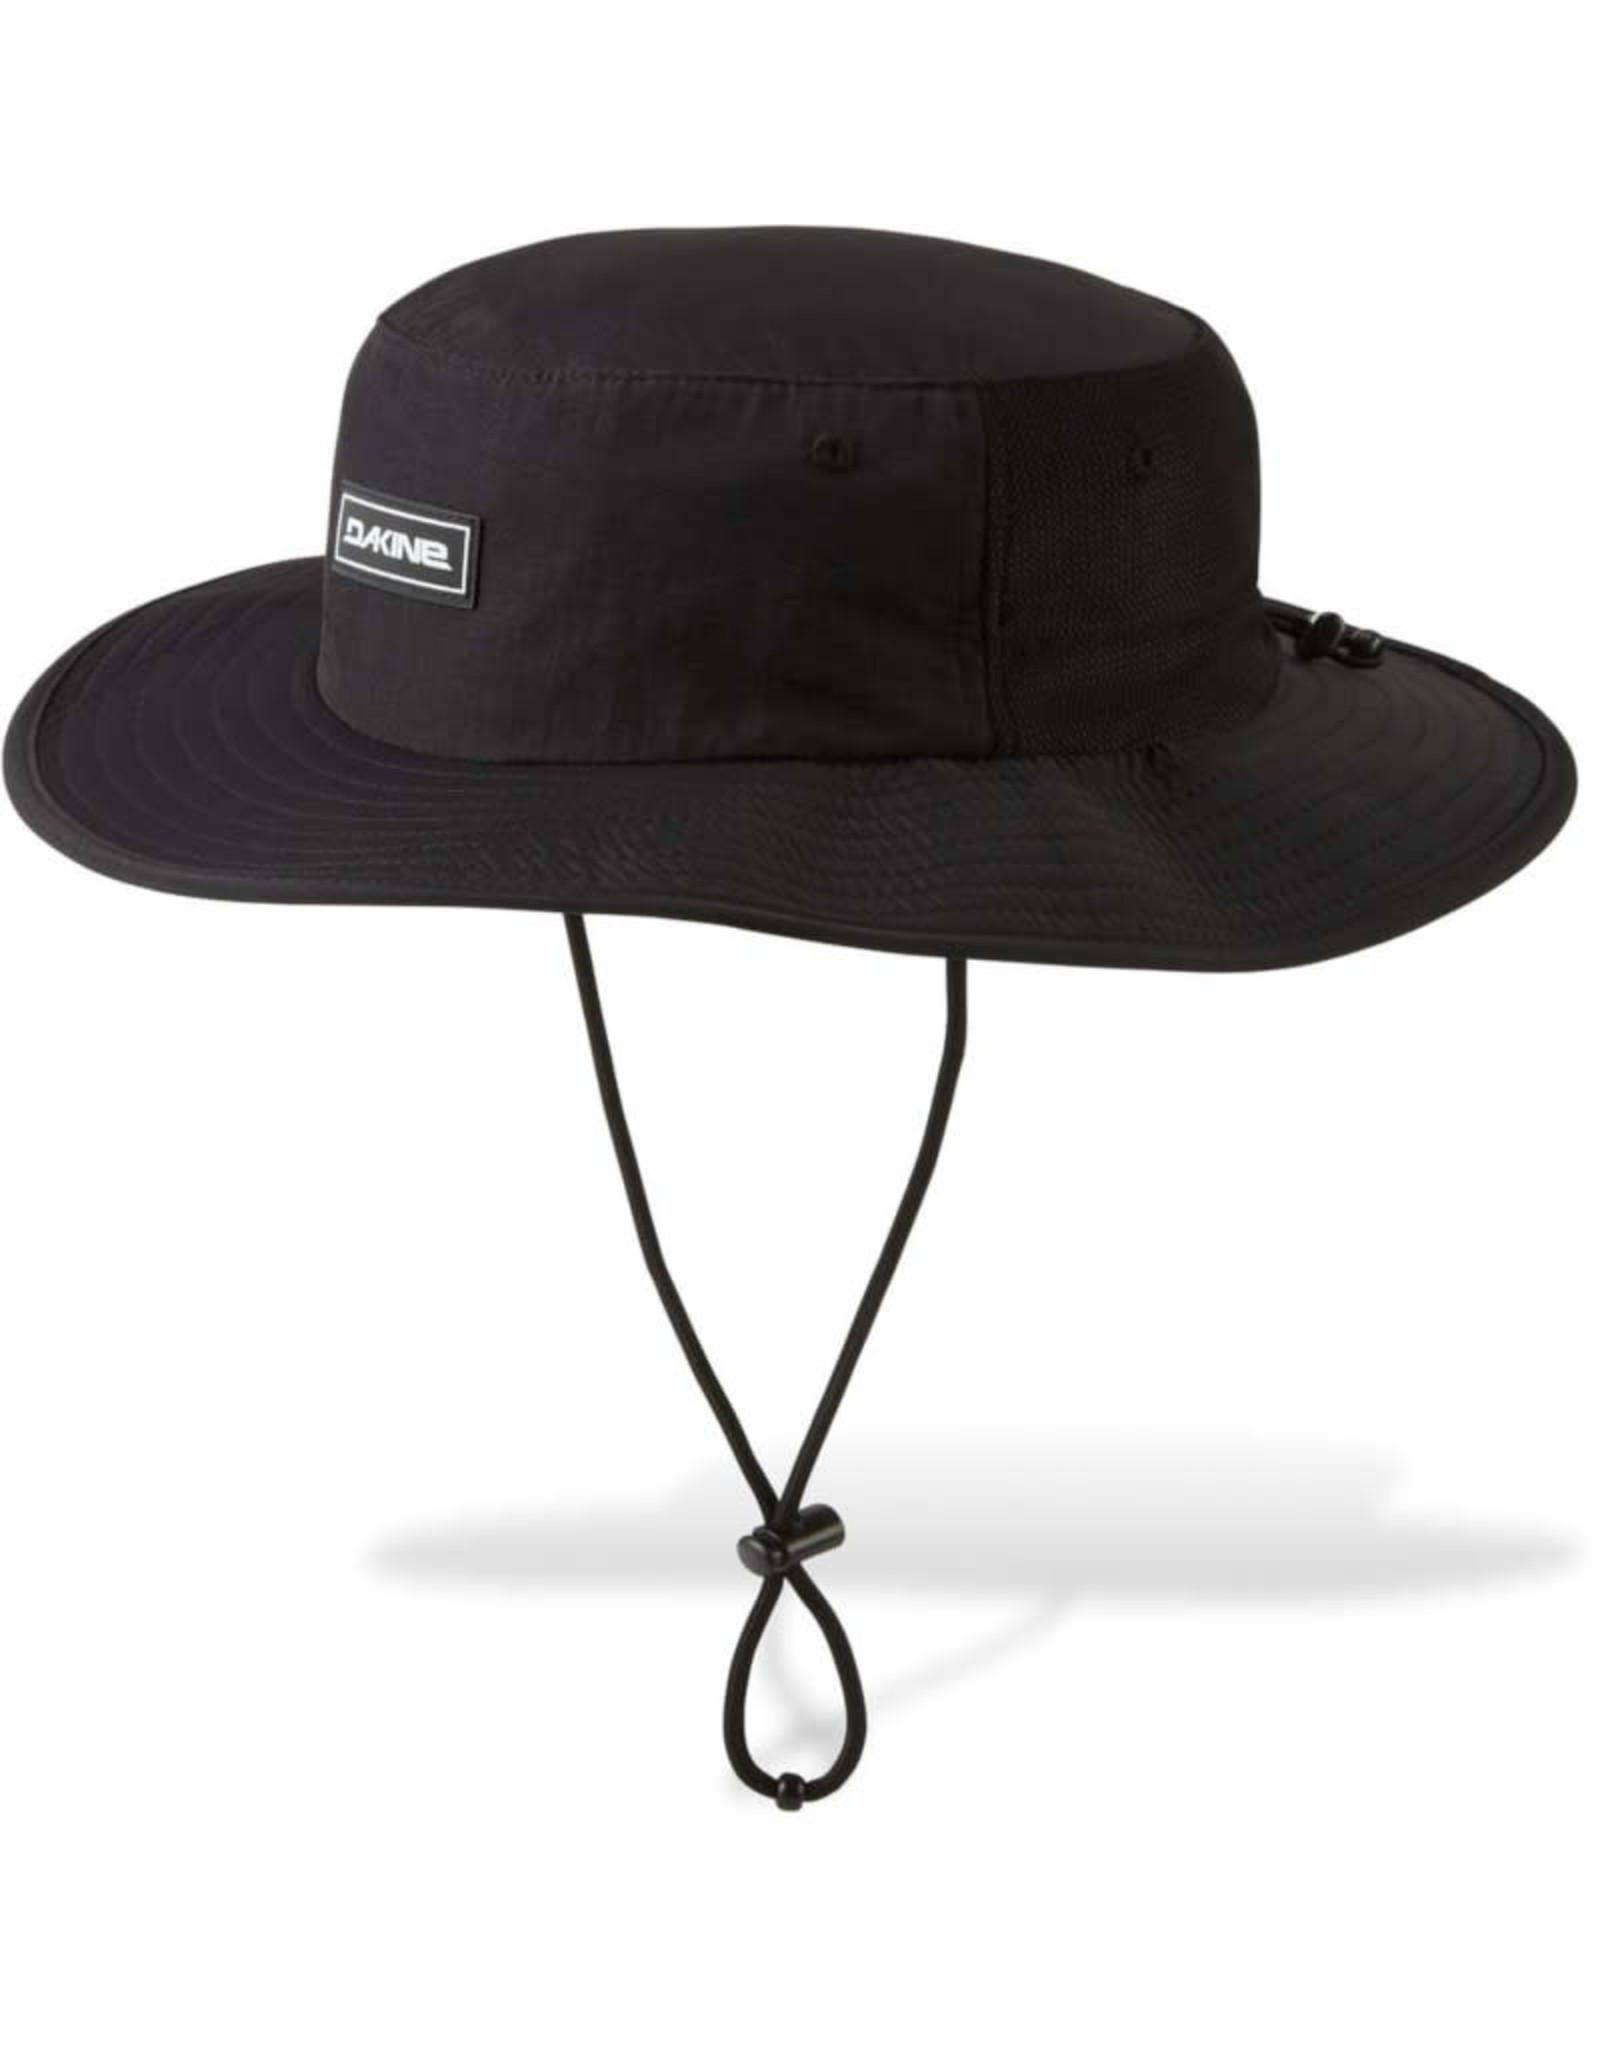 Dakine Dakine No Zone Hat